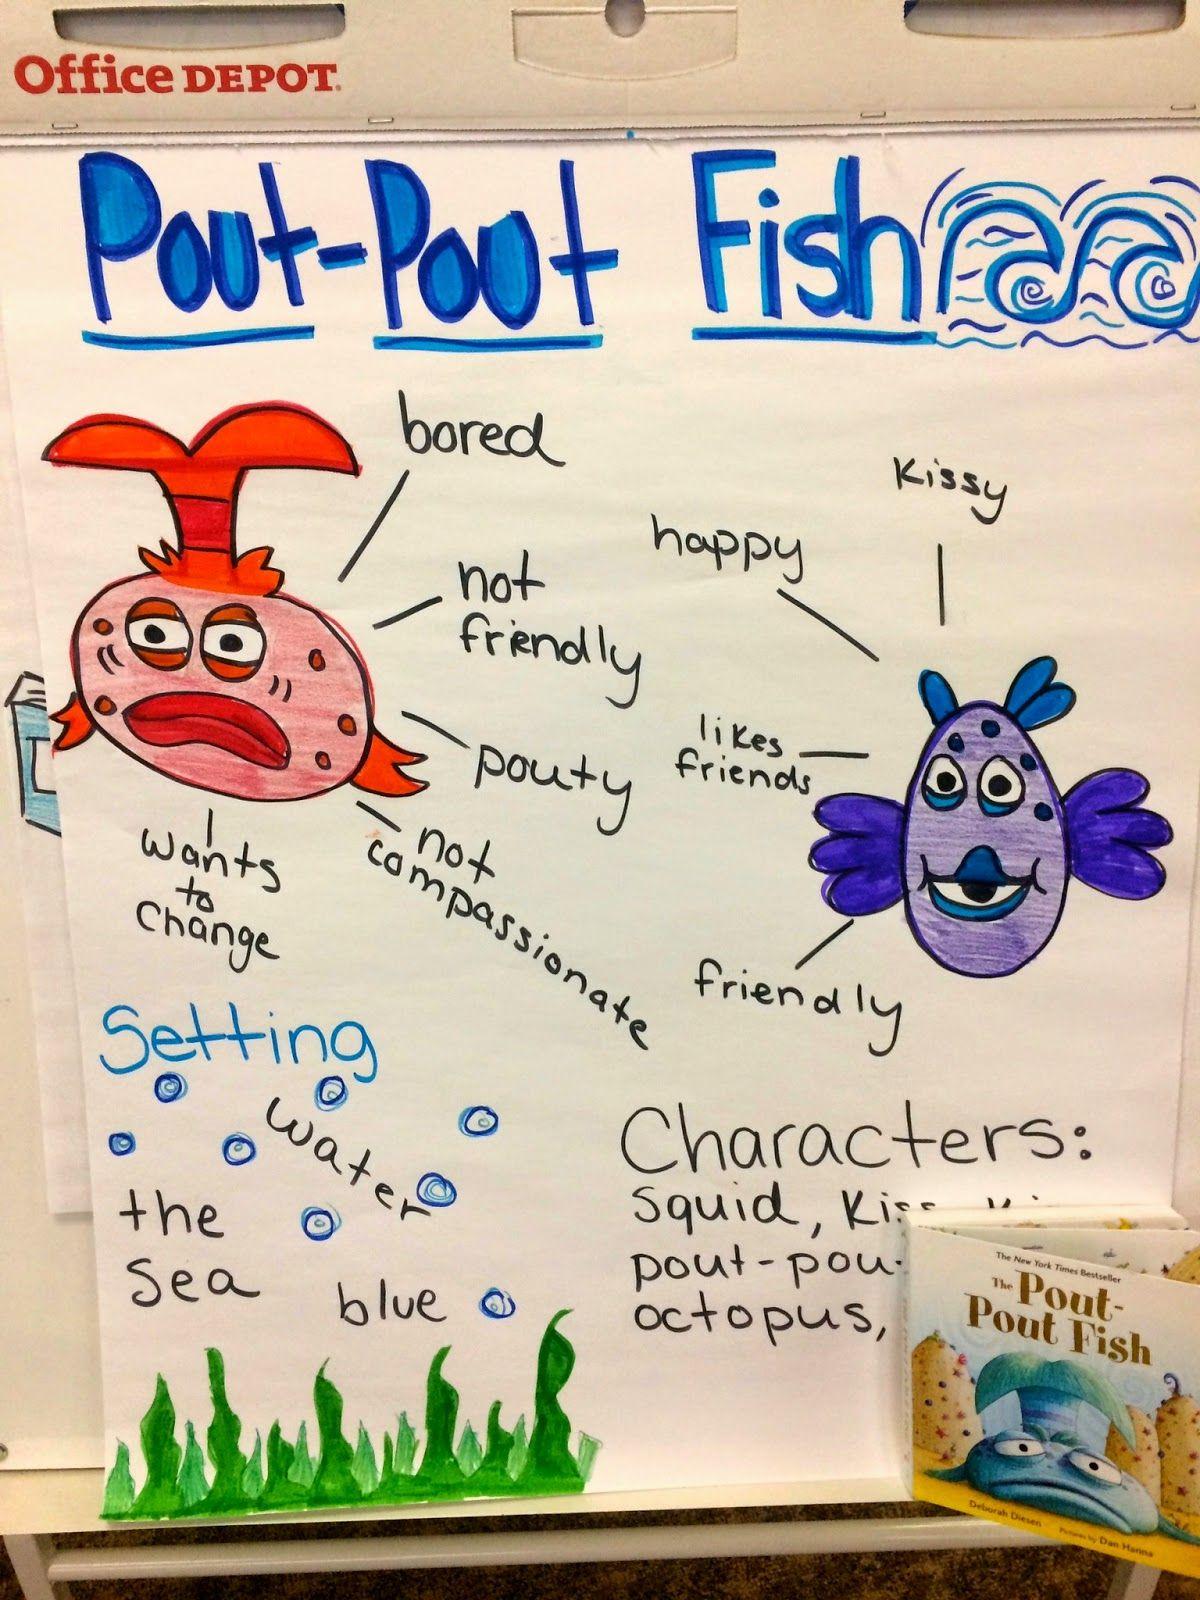 Worksheets For Kindergarten Pout Fish Worksheets Best